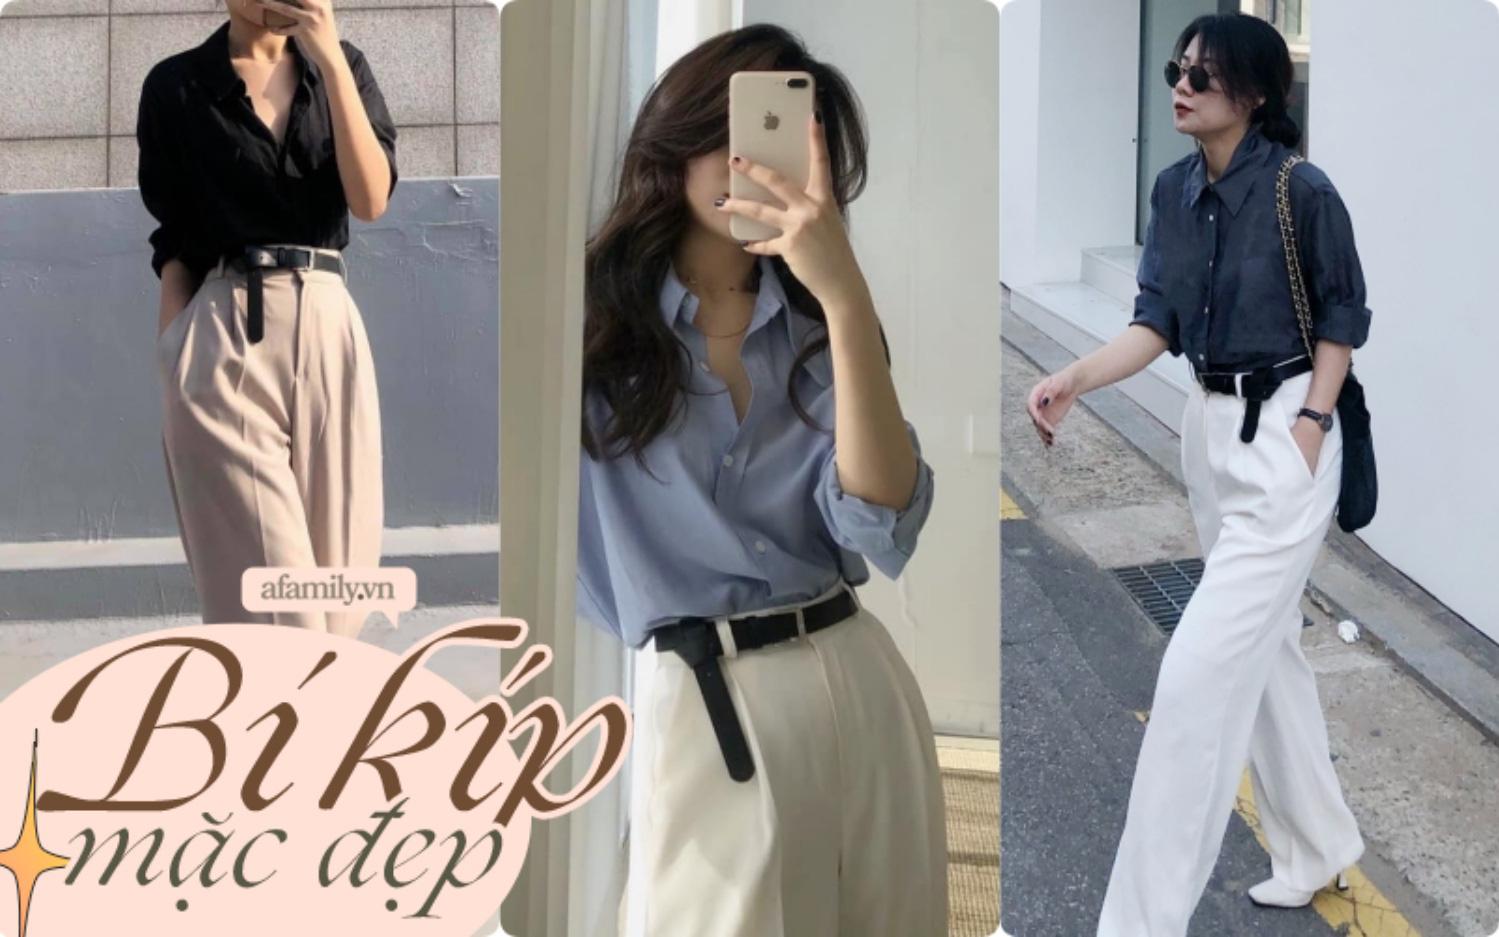 """Mê quần ống rộng đến mức có tới 10 chiếc trong tủ, cô nàng du học sinh Hàn Quốc chỉ chiêu mặc đẹp """"quên sầu"""" ngay cả với nàng thấp bé"""